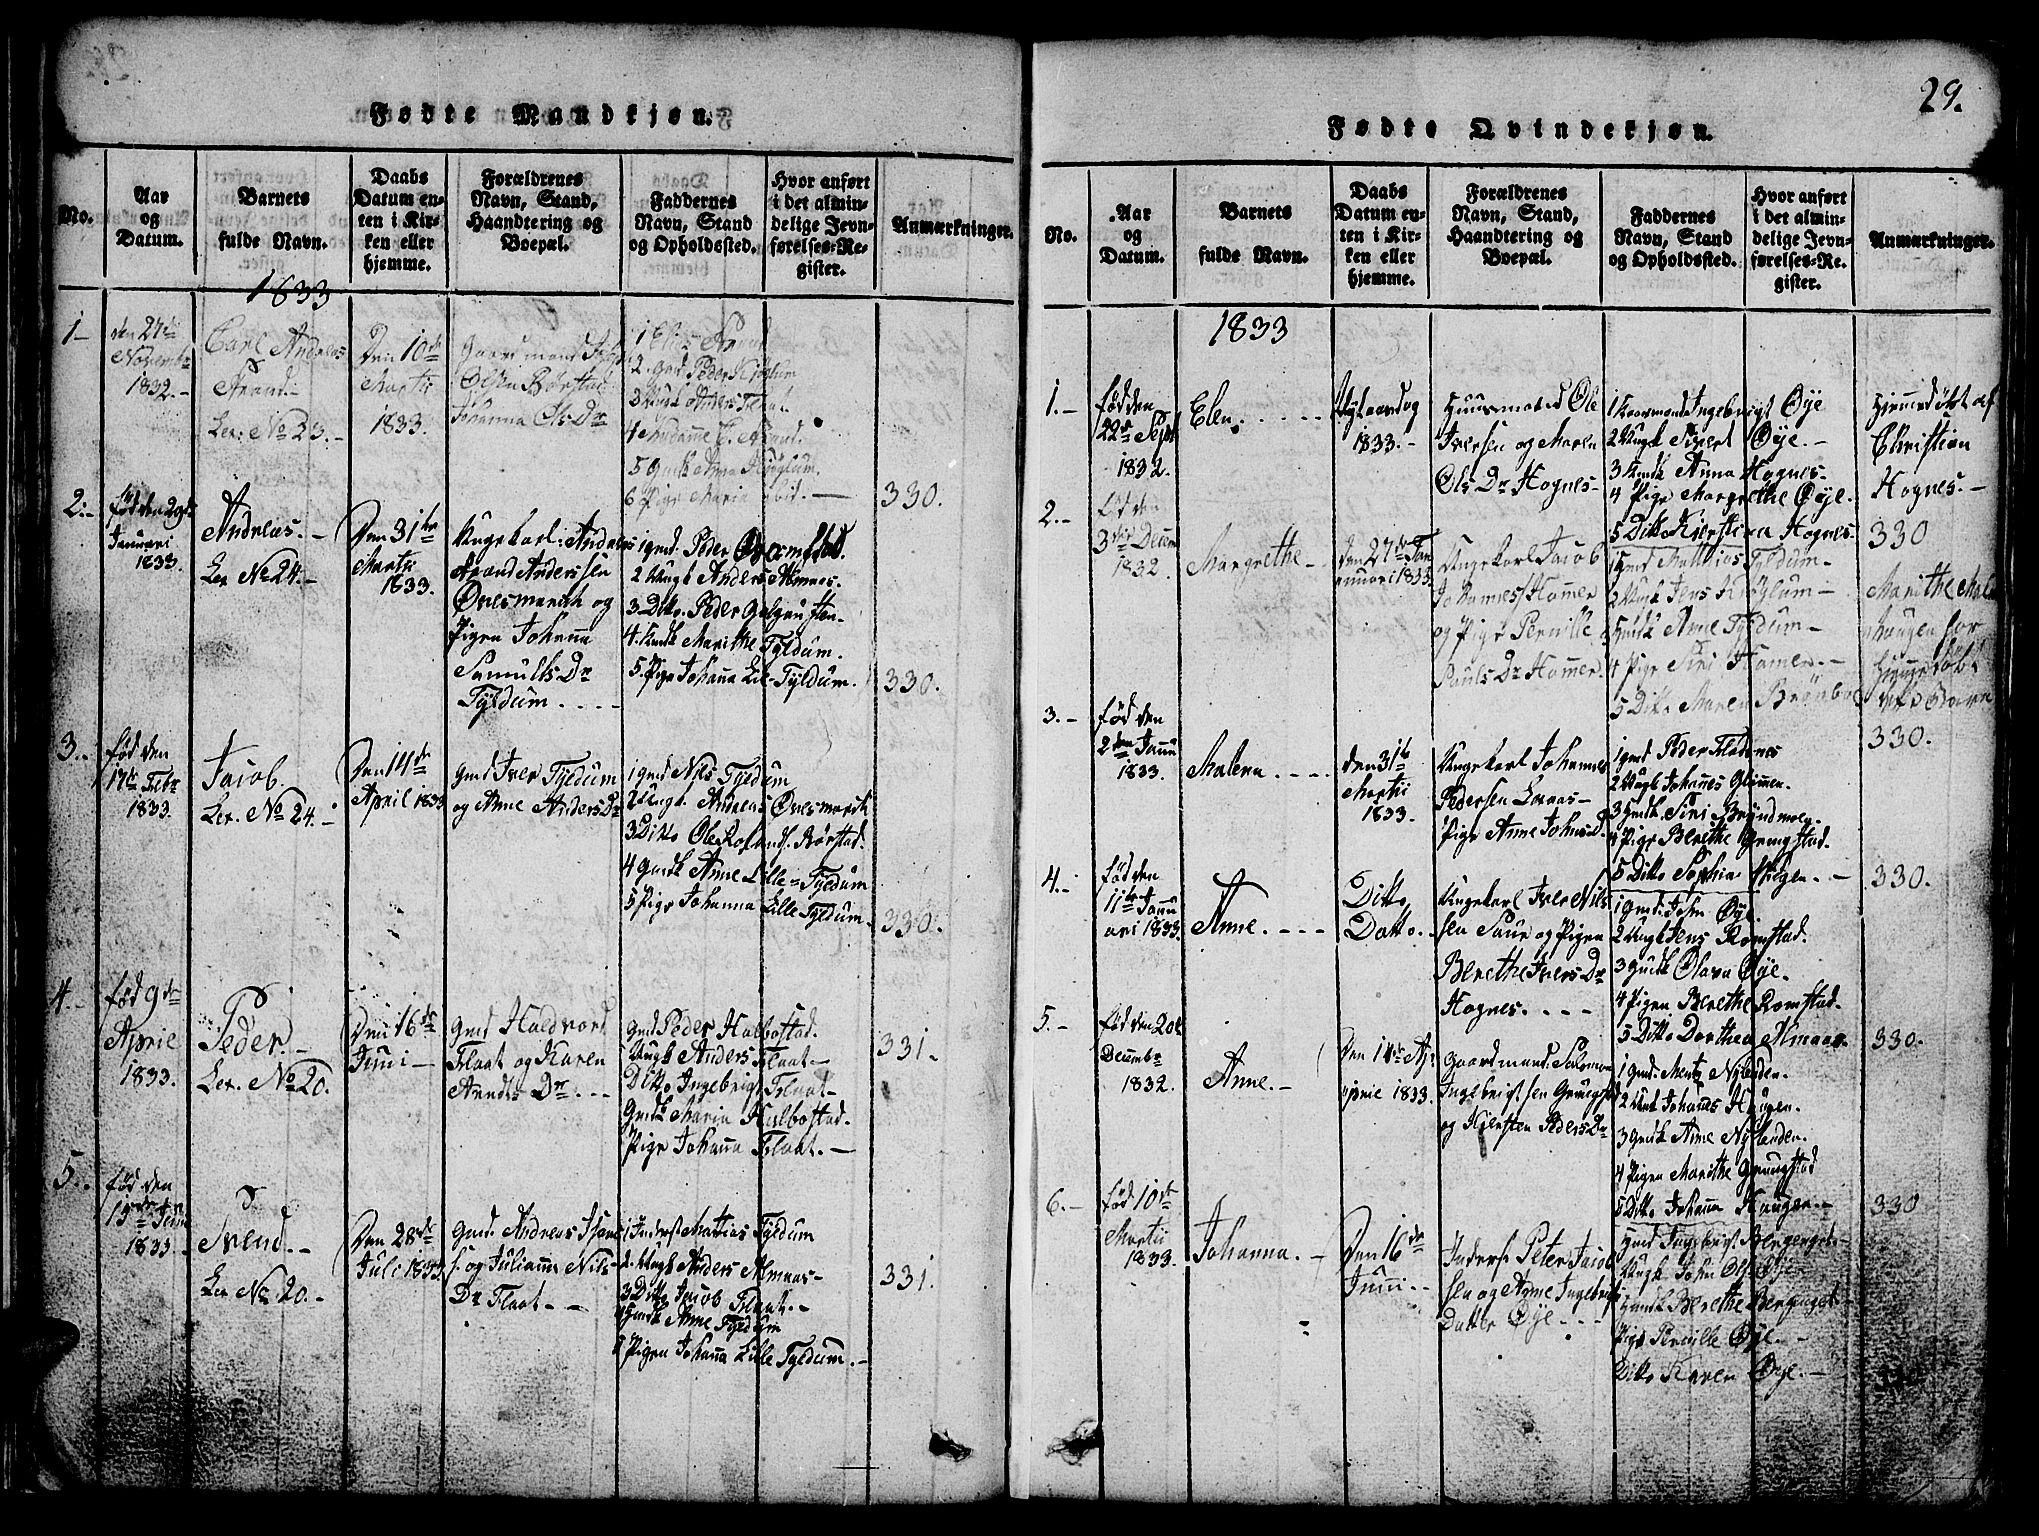 SAT, Ministerialprotokoller, klokkerbøker og fødselsregistre - Nord-Trøndelag, 765/L0562: Klokkerbok nr. 765C01, 1817-1851, s. 29